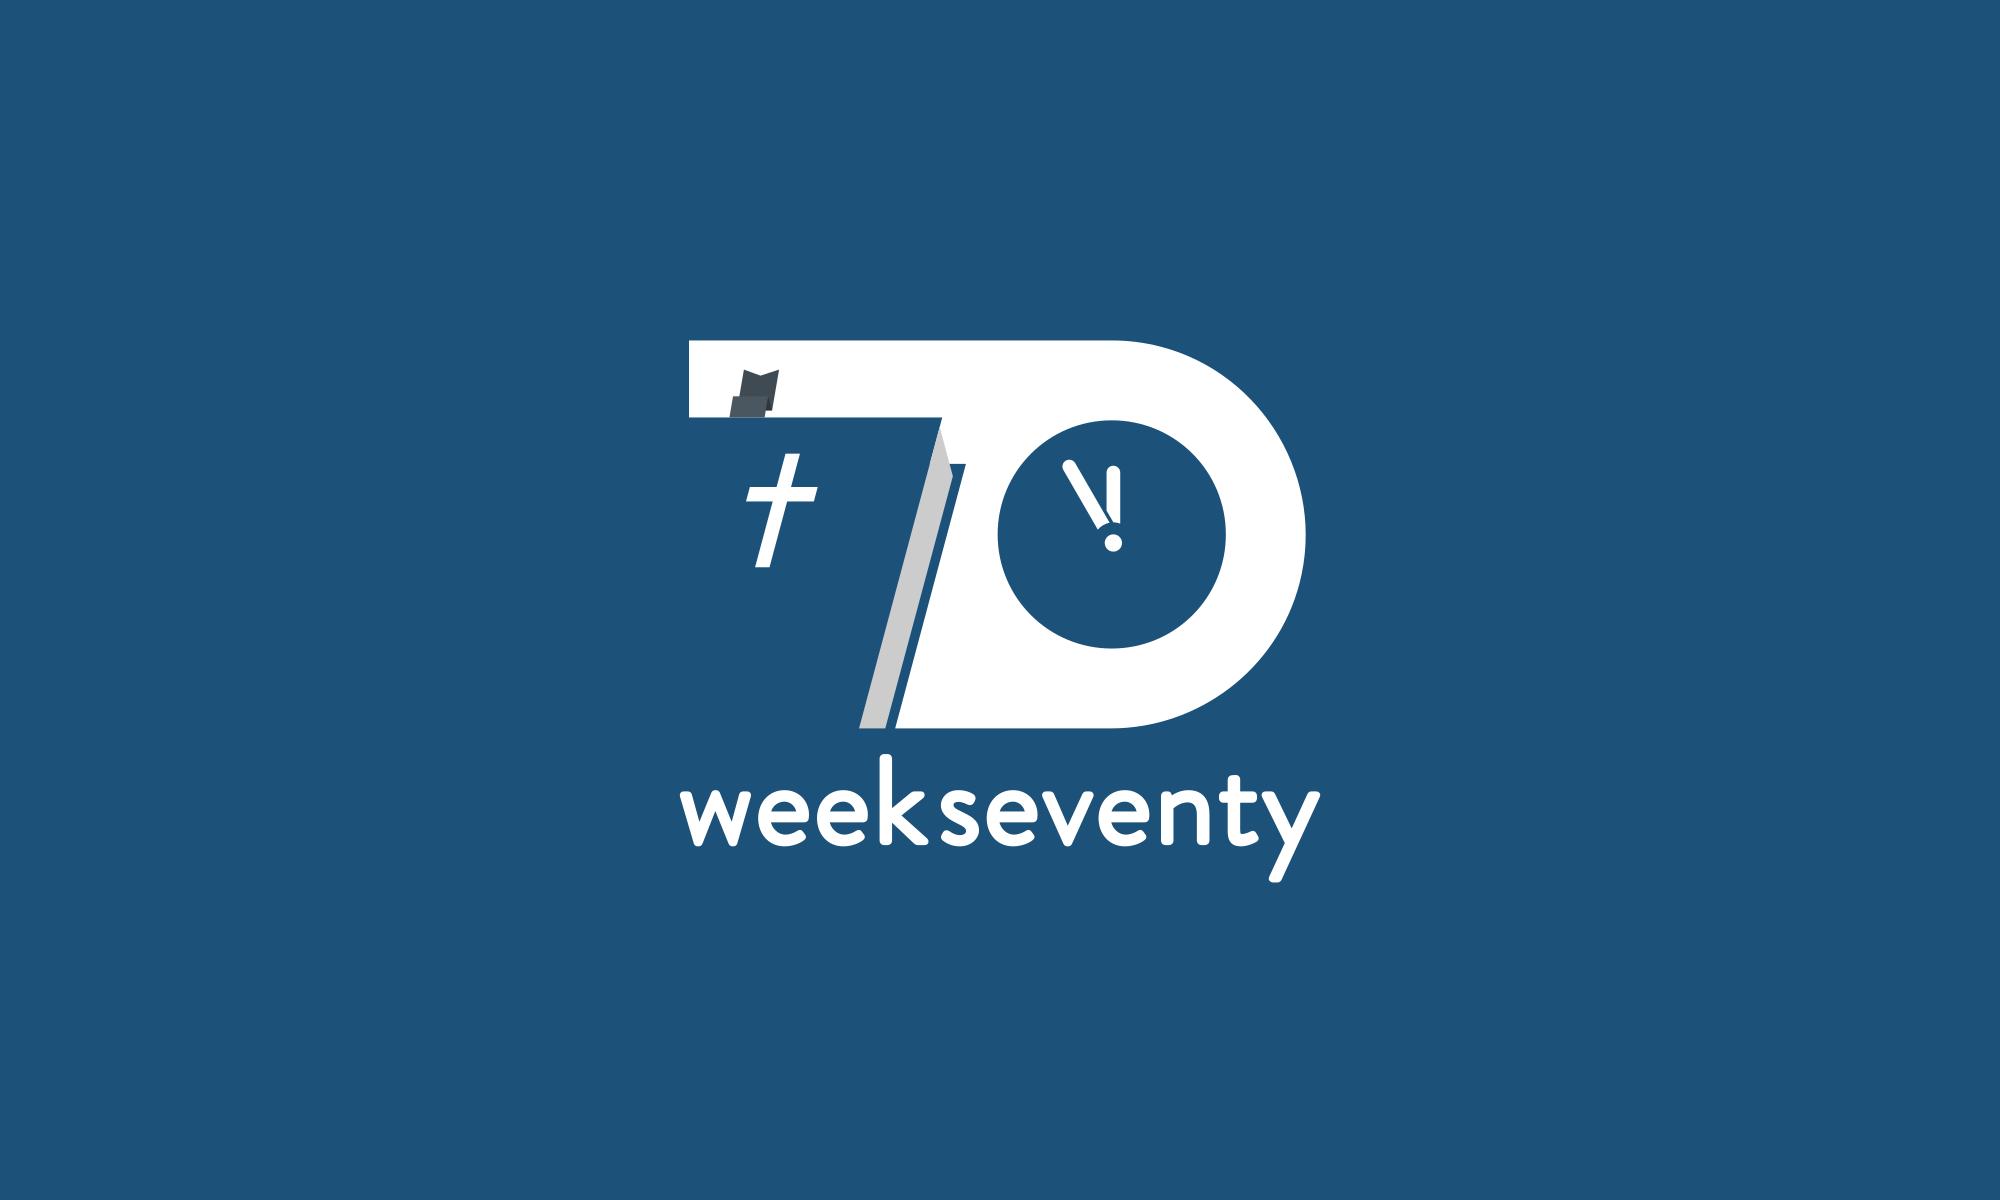 Week 70